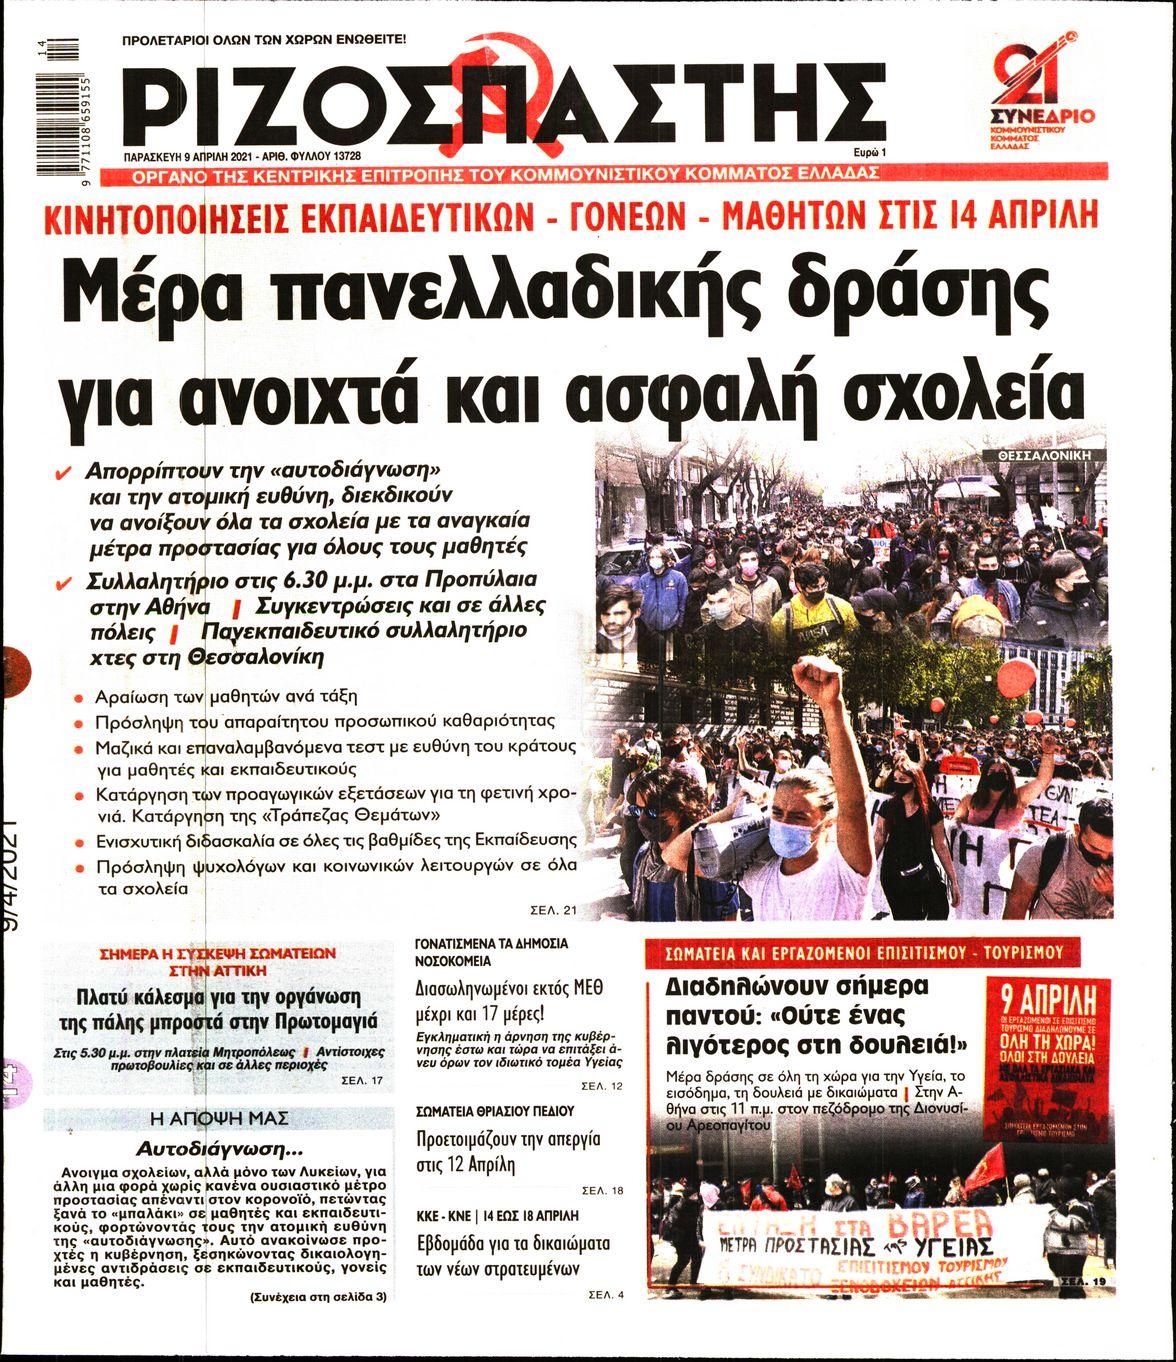 https://www.newsbeast.gr/files/1/newspapers/2021/04/09/28051890_26.jpg?1617947420